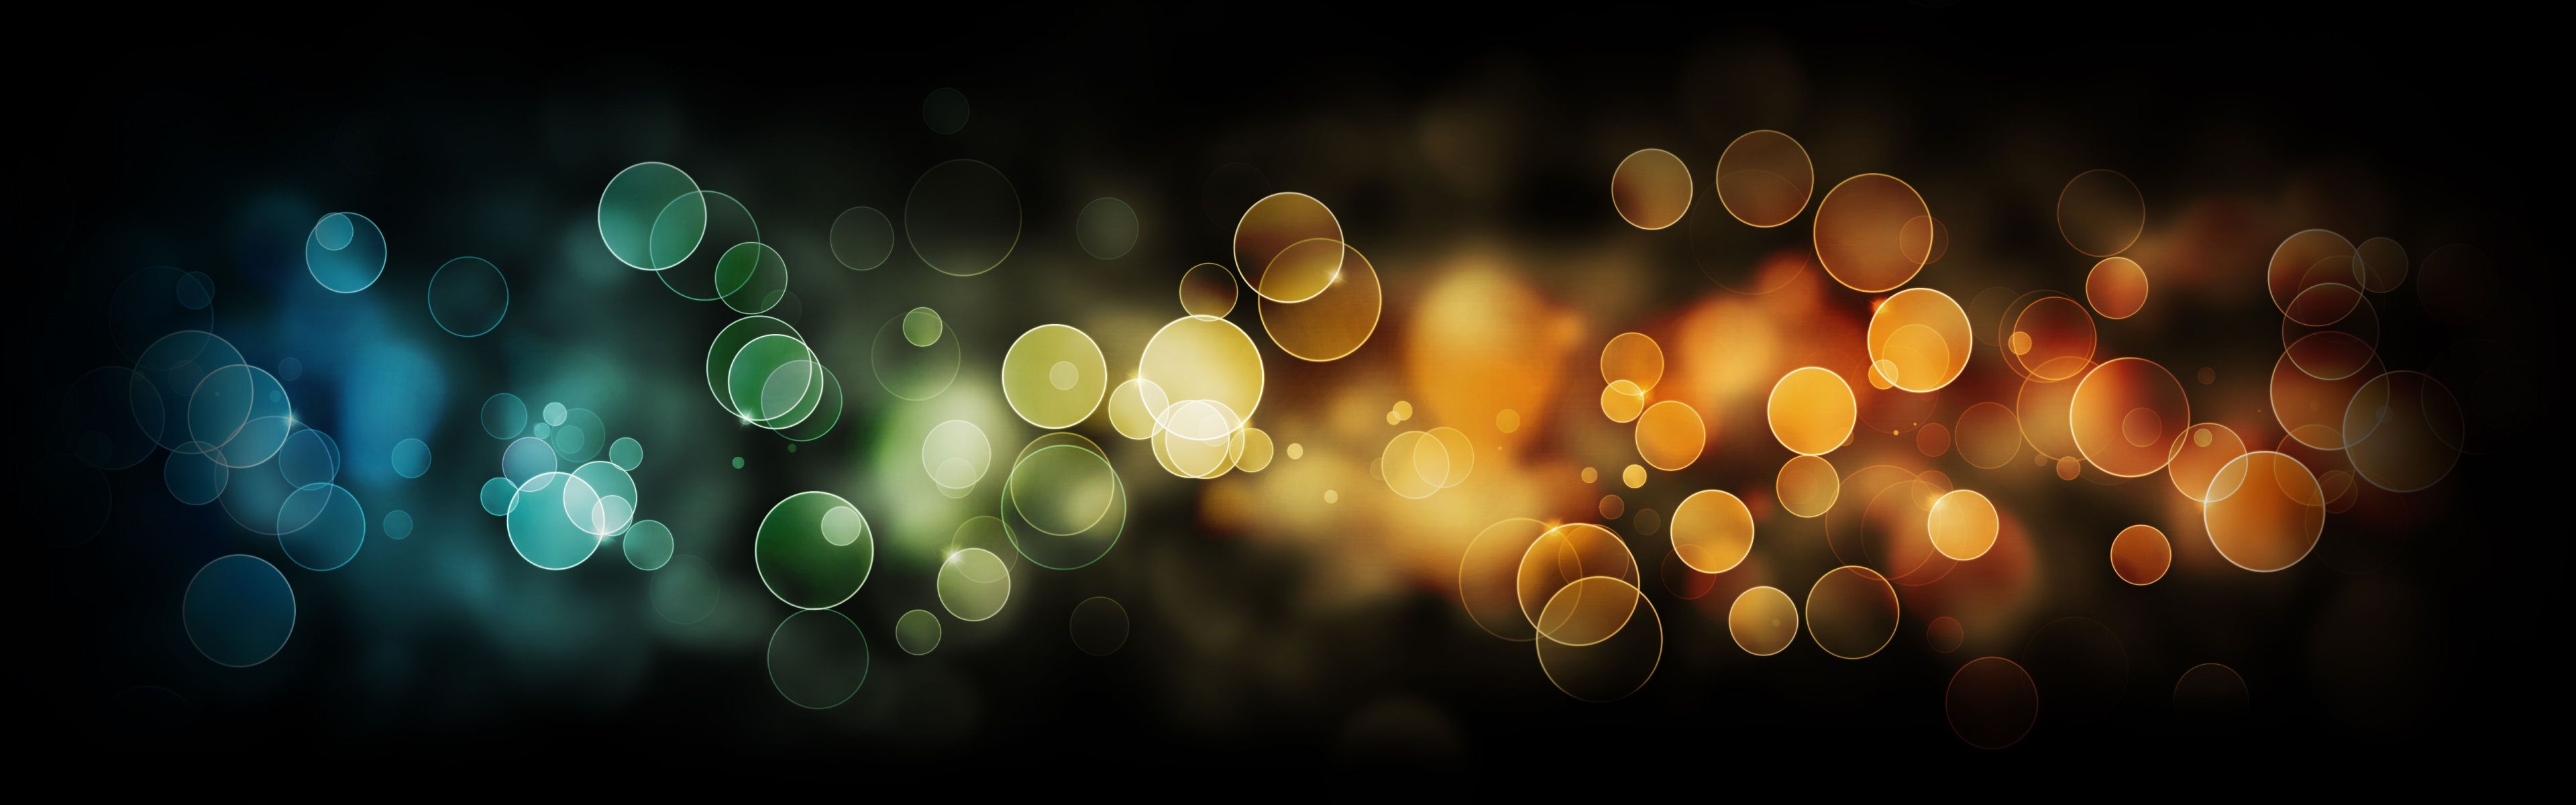 dual monitor wallpaper,light,circle,orange,lighting,yellow